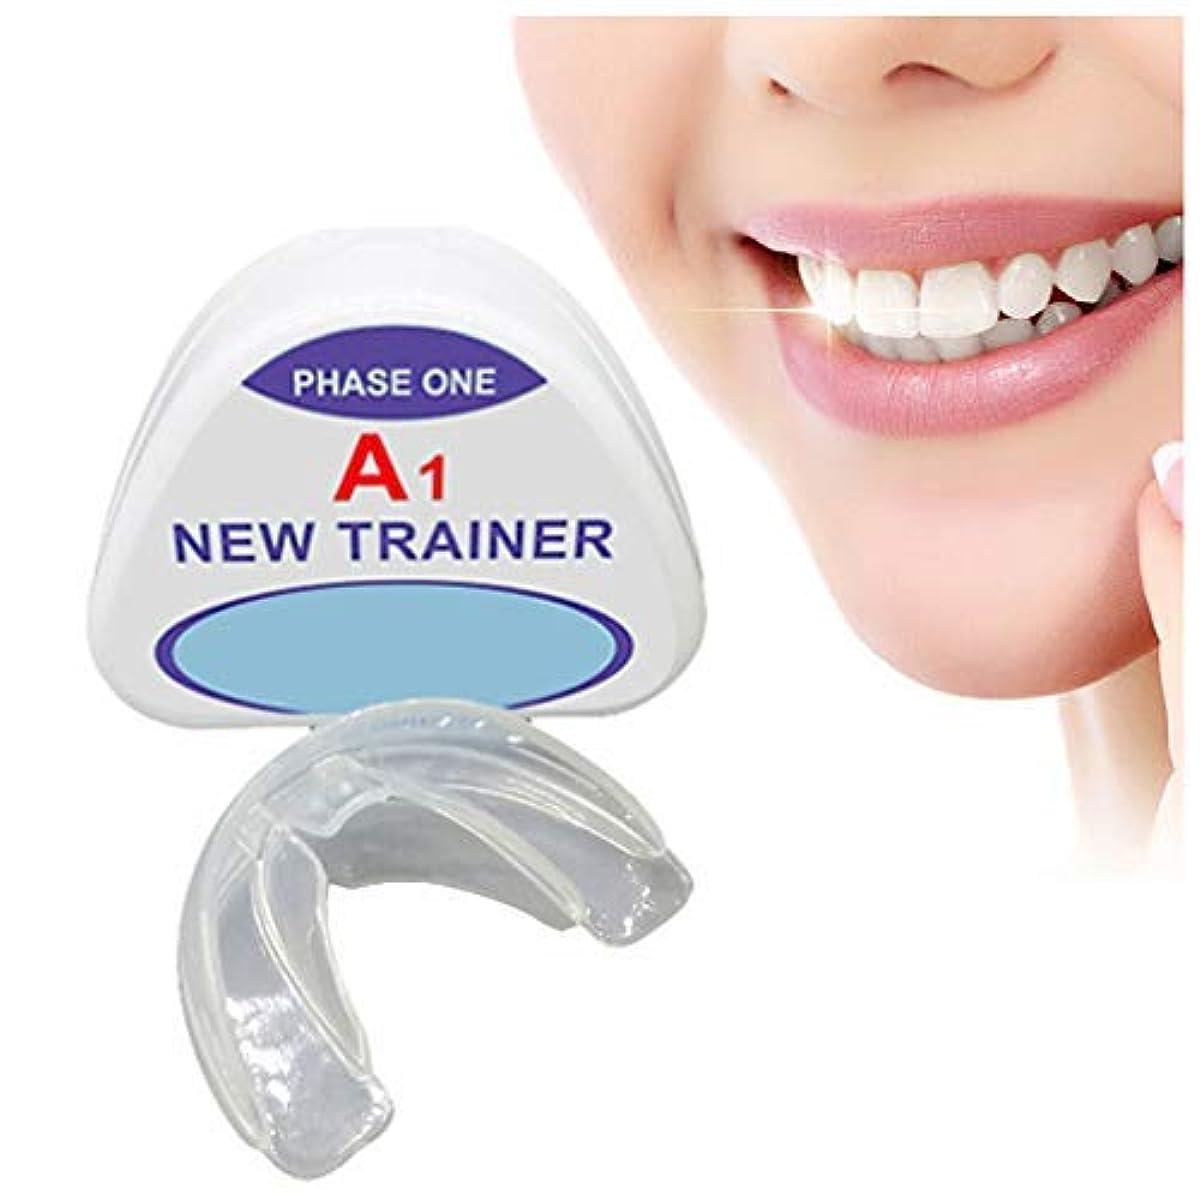 怒り発掘そのような歯列矯正トレーナーリテーナー、歯科用マウスガード歯列矯正器具、歯用器具夜予防臼歯ブレース